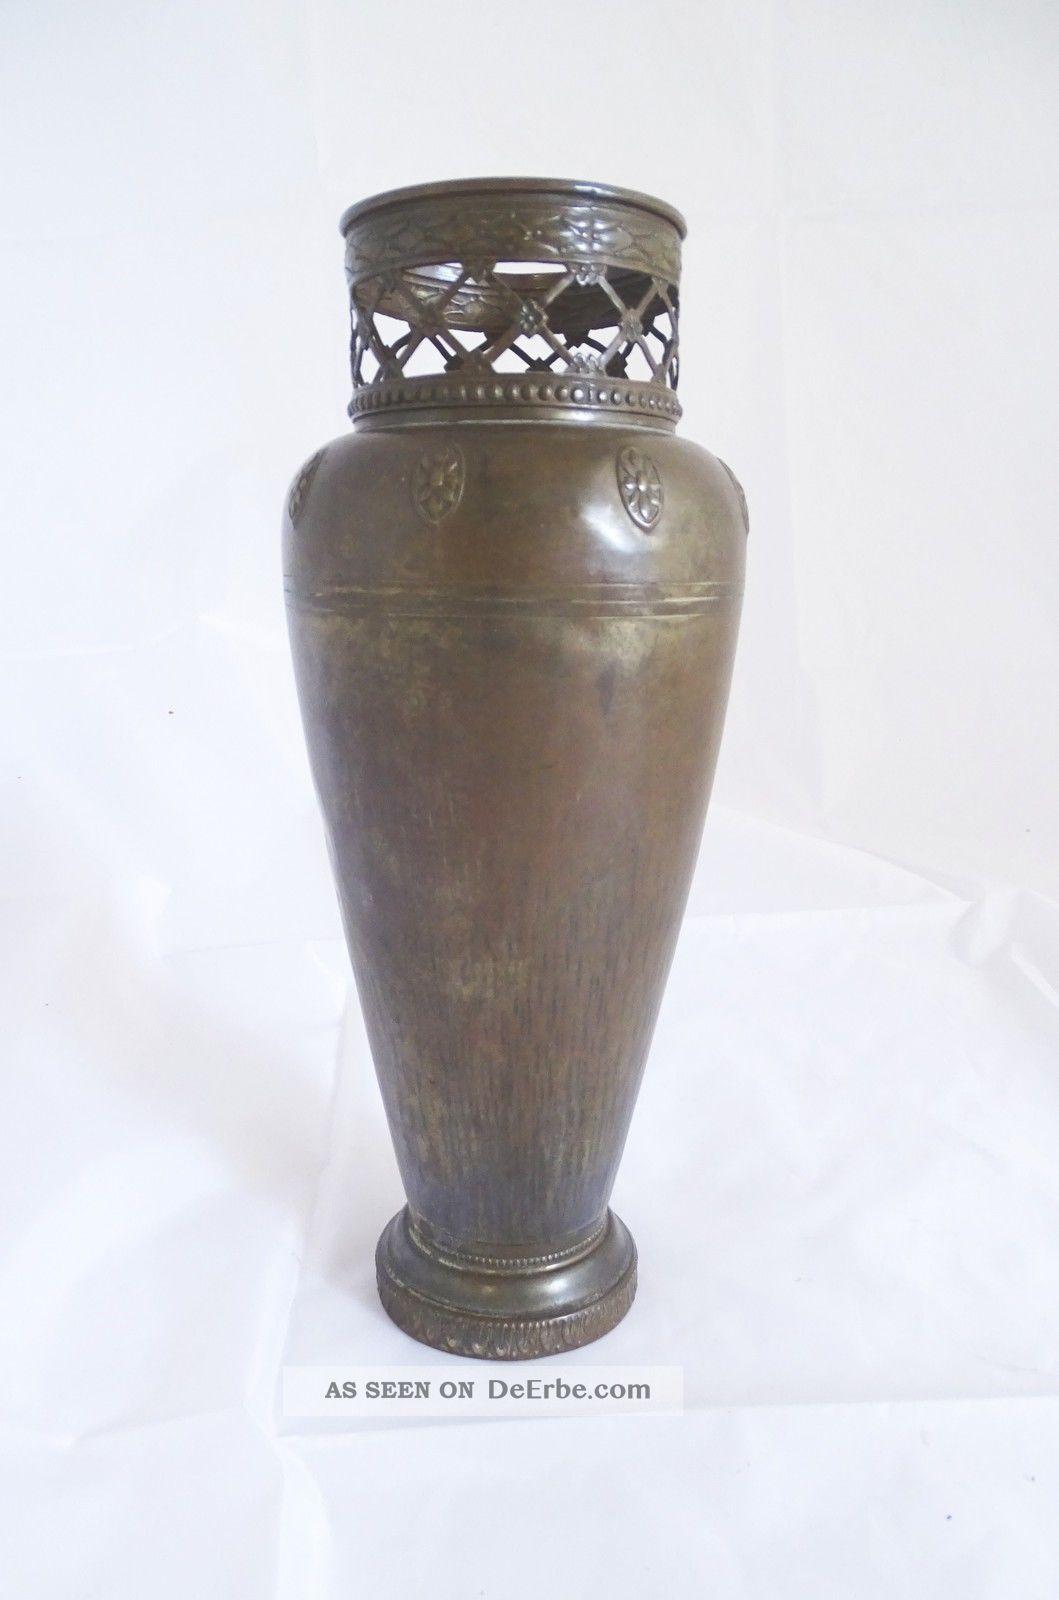 Antike Wümak Jugendstil Metall Vase - Seltene Rarität 1890-1919, Jugendstil Bild